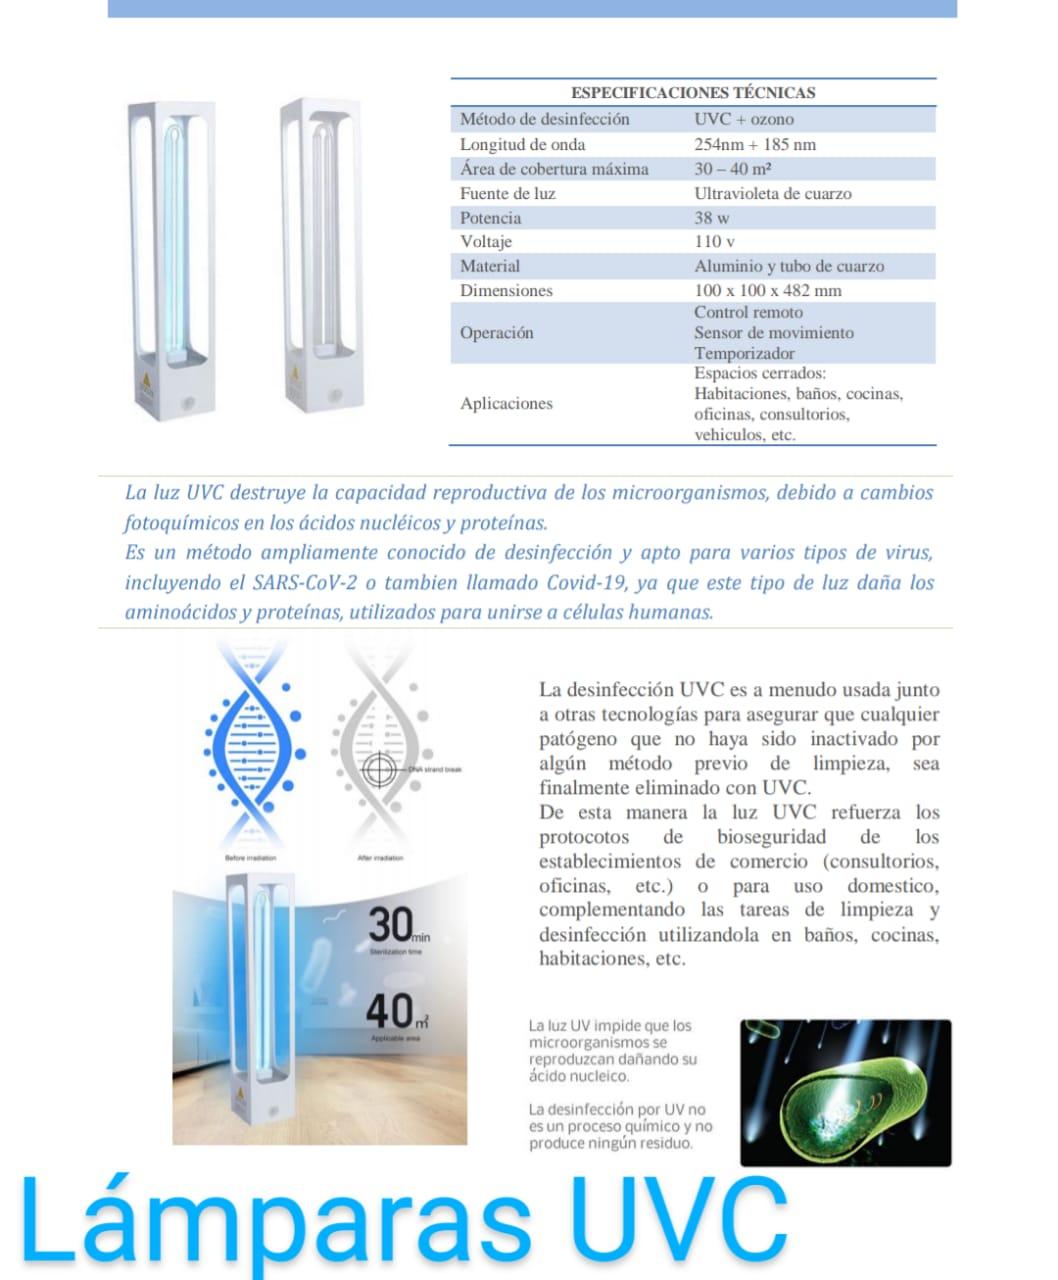 luz-germicida-uvc-ozono-catalogo-precision-ingenieria-medellin